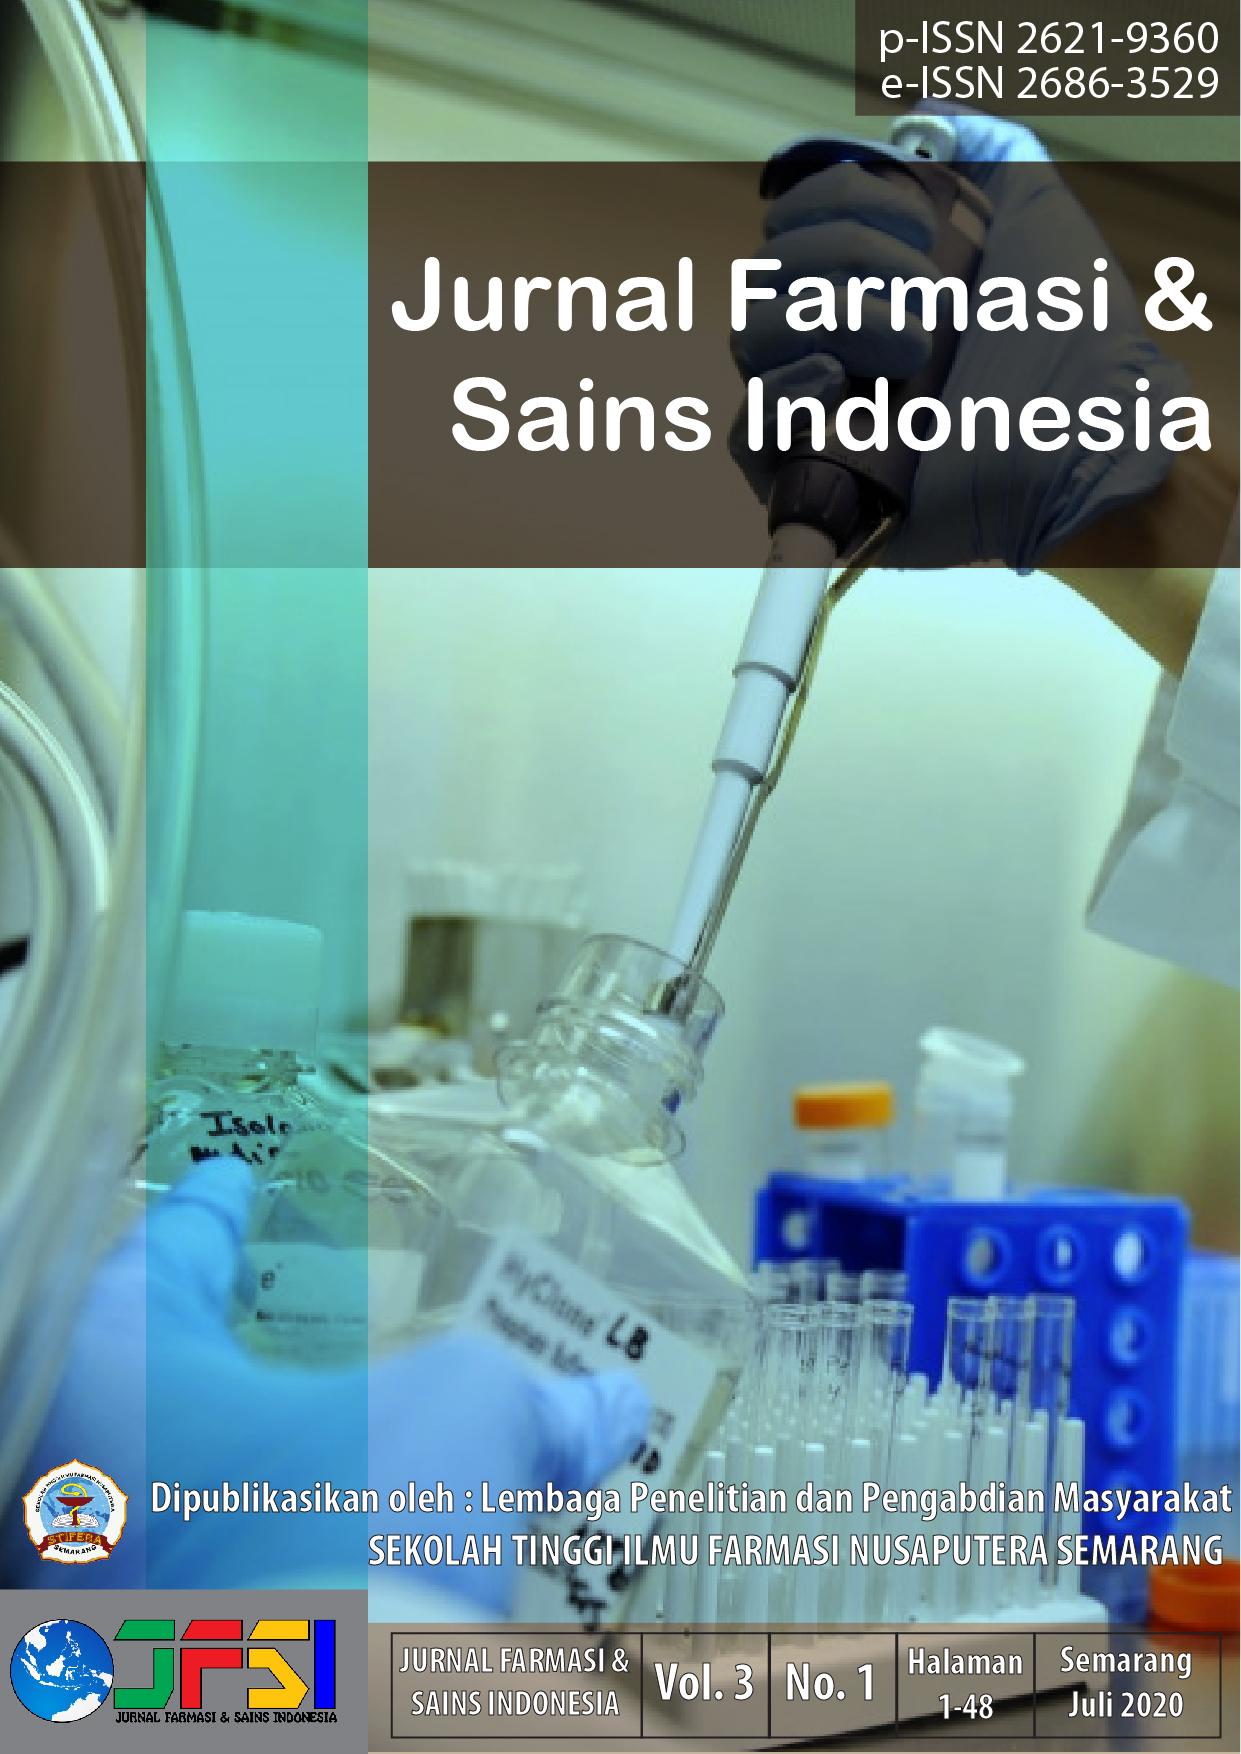 JFSI Vol. 3 No. 1